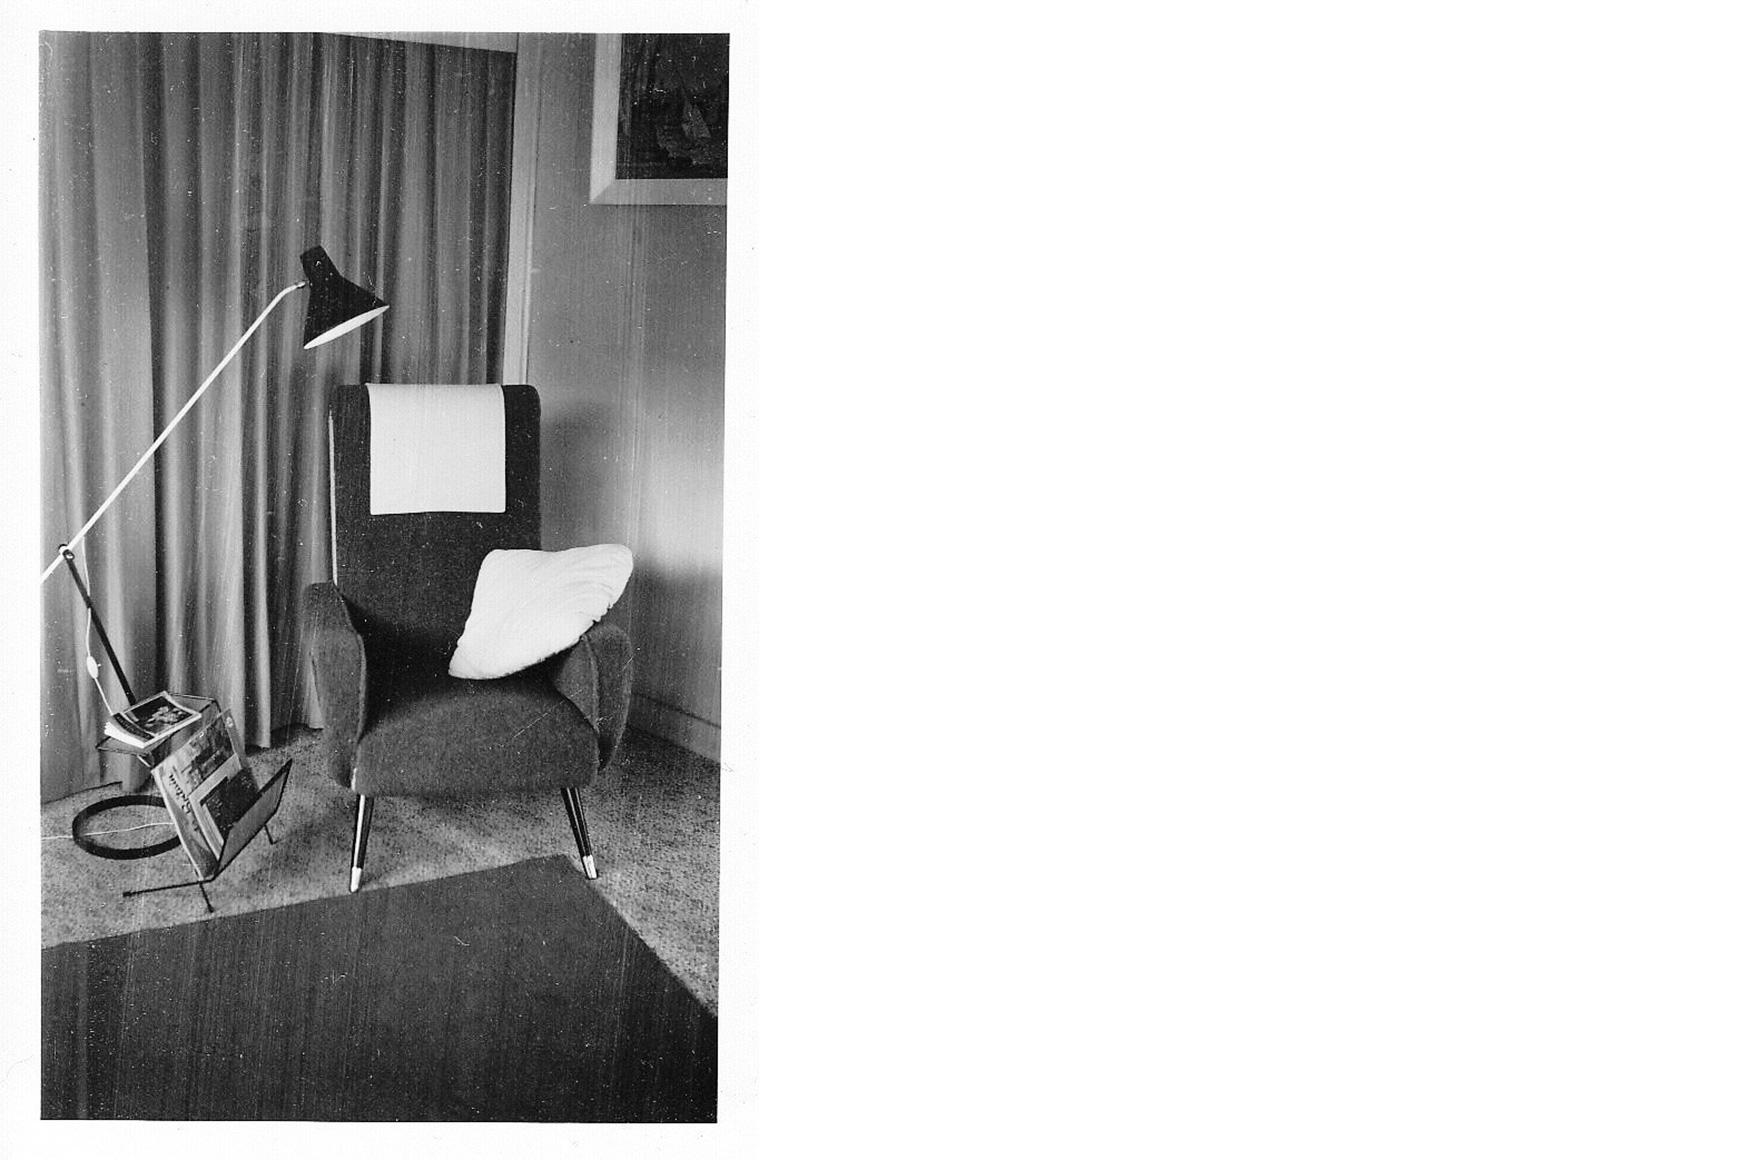 Fotograaf onbekend, België ca. 1955 / Collectie Margit Willems